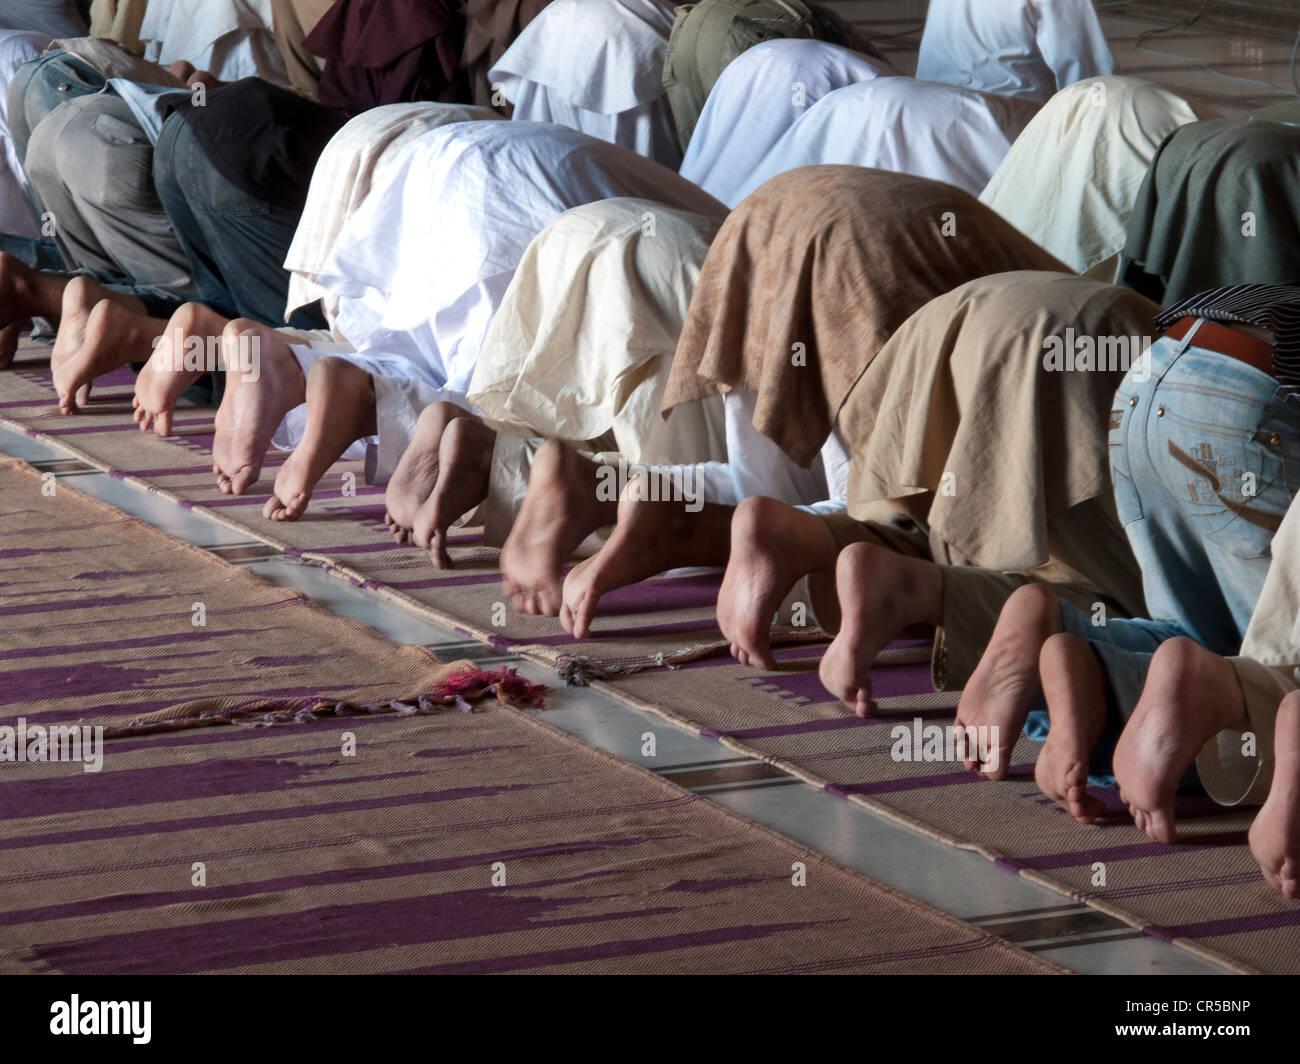 Muslime beten in Jama Mashid in Lahore, einer der größten Moscheen in Asien, Punjab, Pakistan, Südasien Stockfoto